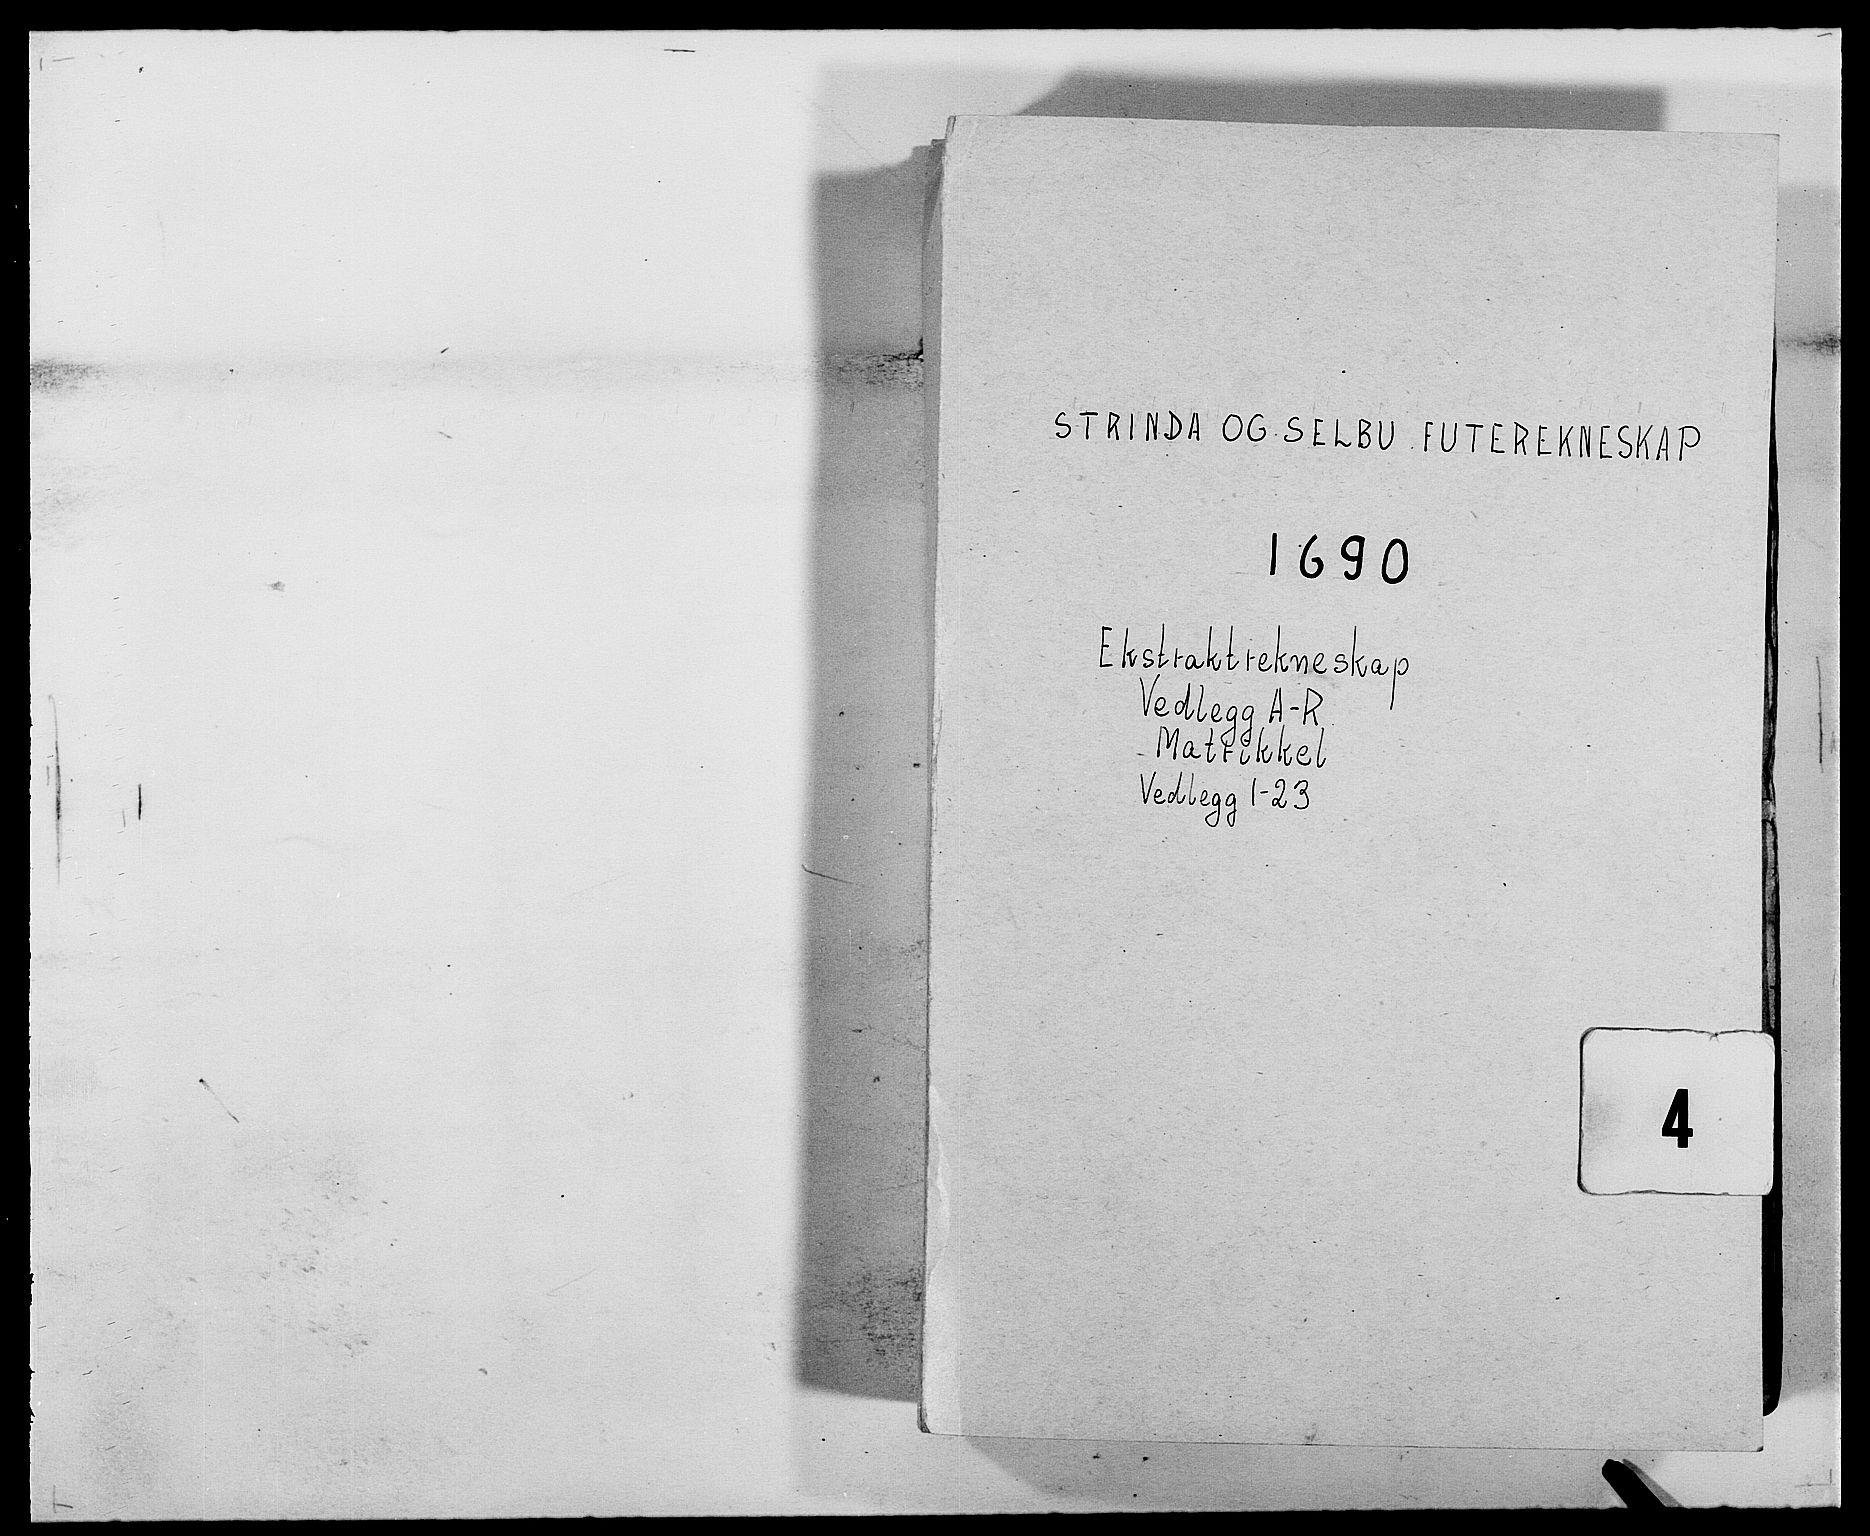 RA, Rentekammeret inntil 1814, Reviderte regnskaper, Fogderegnskap, R61/L4102: Fogderegnskap Strinda og Selbu, 1689-1690, s. 125